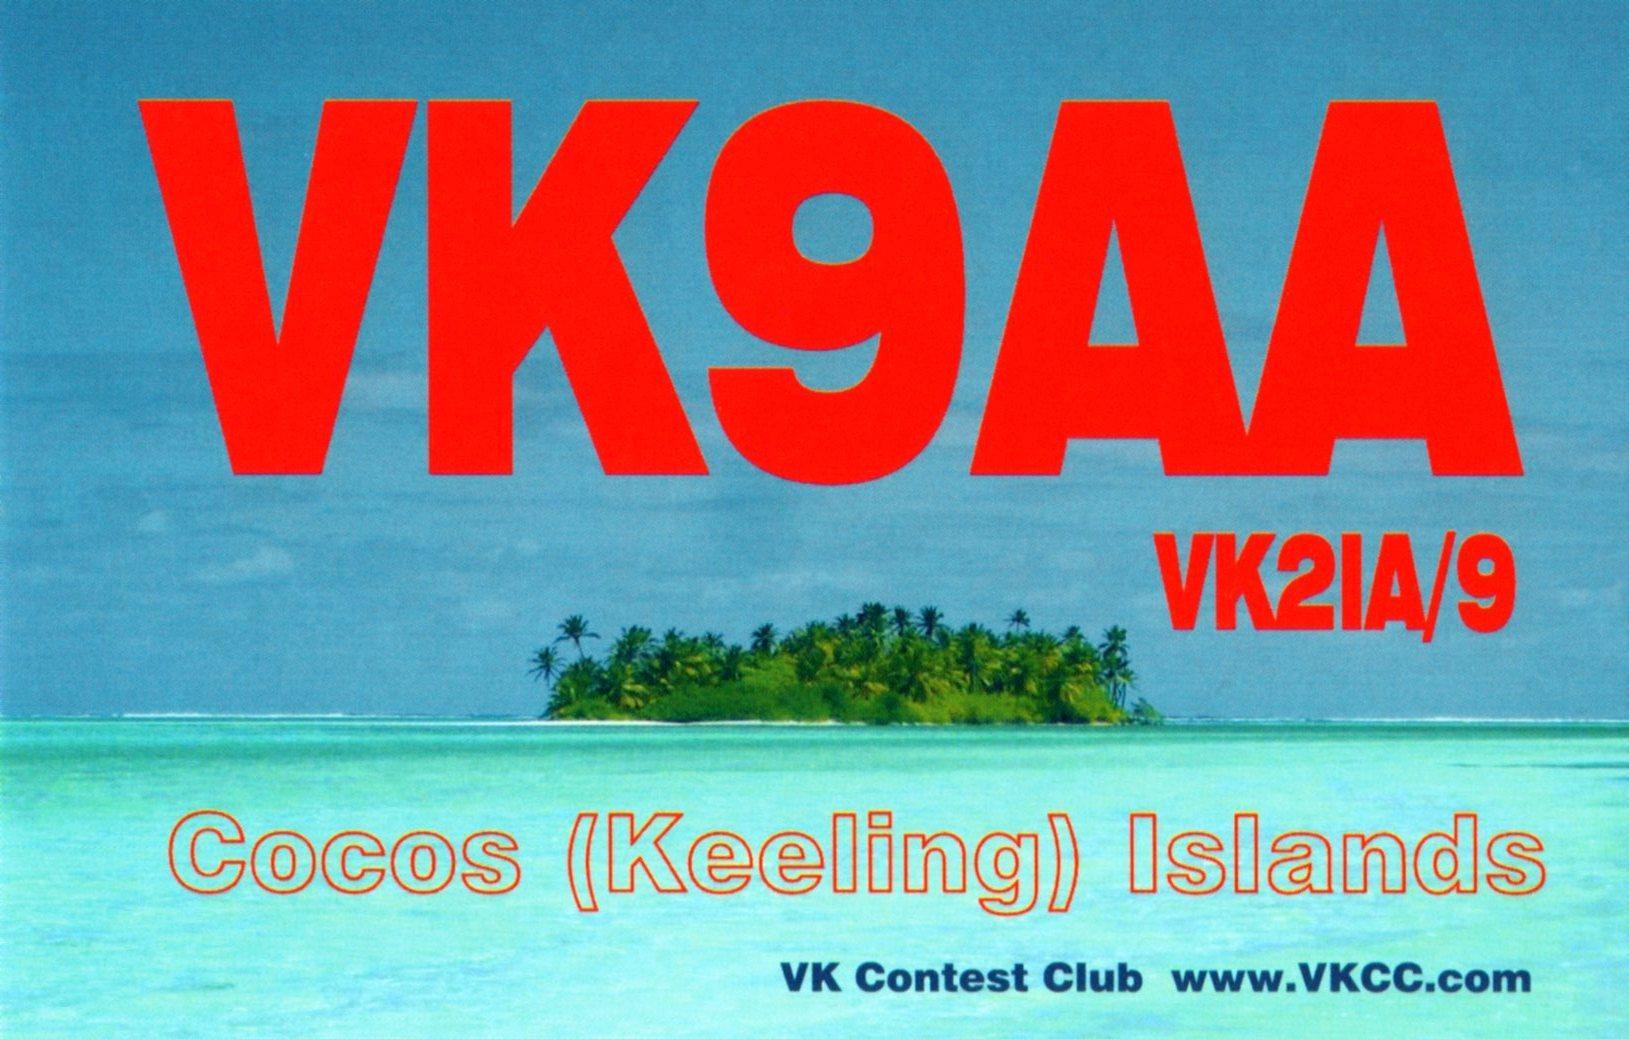 Cocos Keeling Islands Australia VK9AA QSL